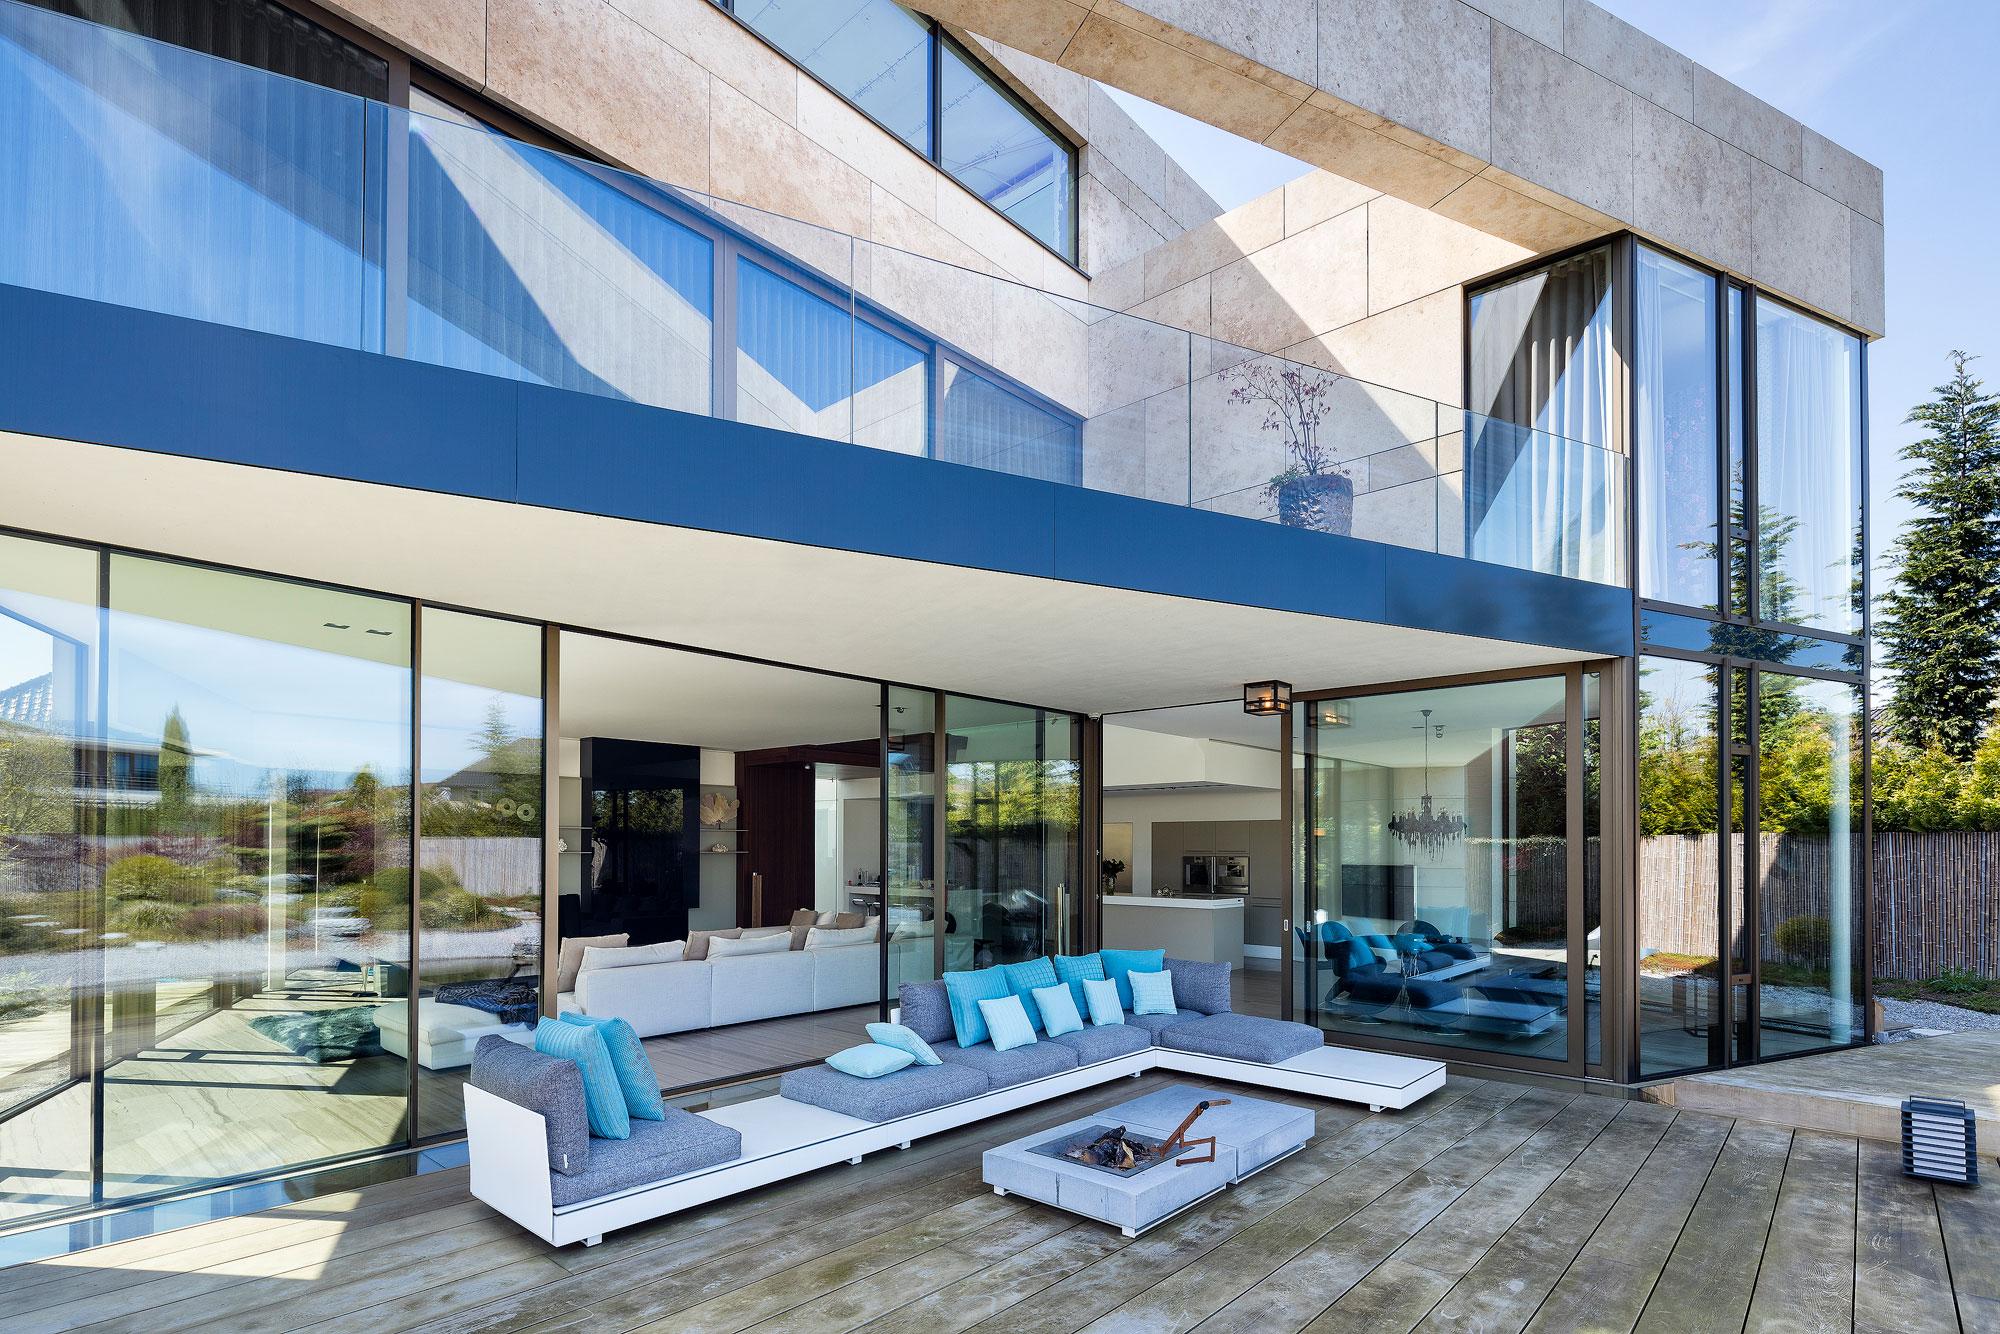 Villa in Hoofddorp. Fotografie door architectuur fotograaf Chiel de Nooyer